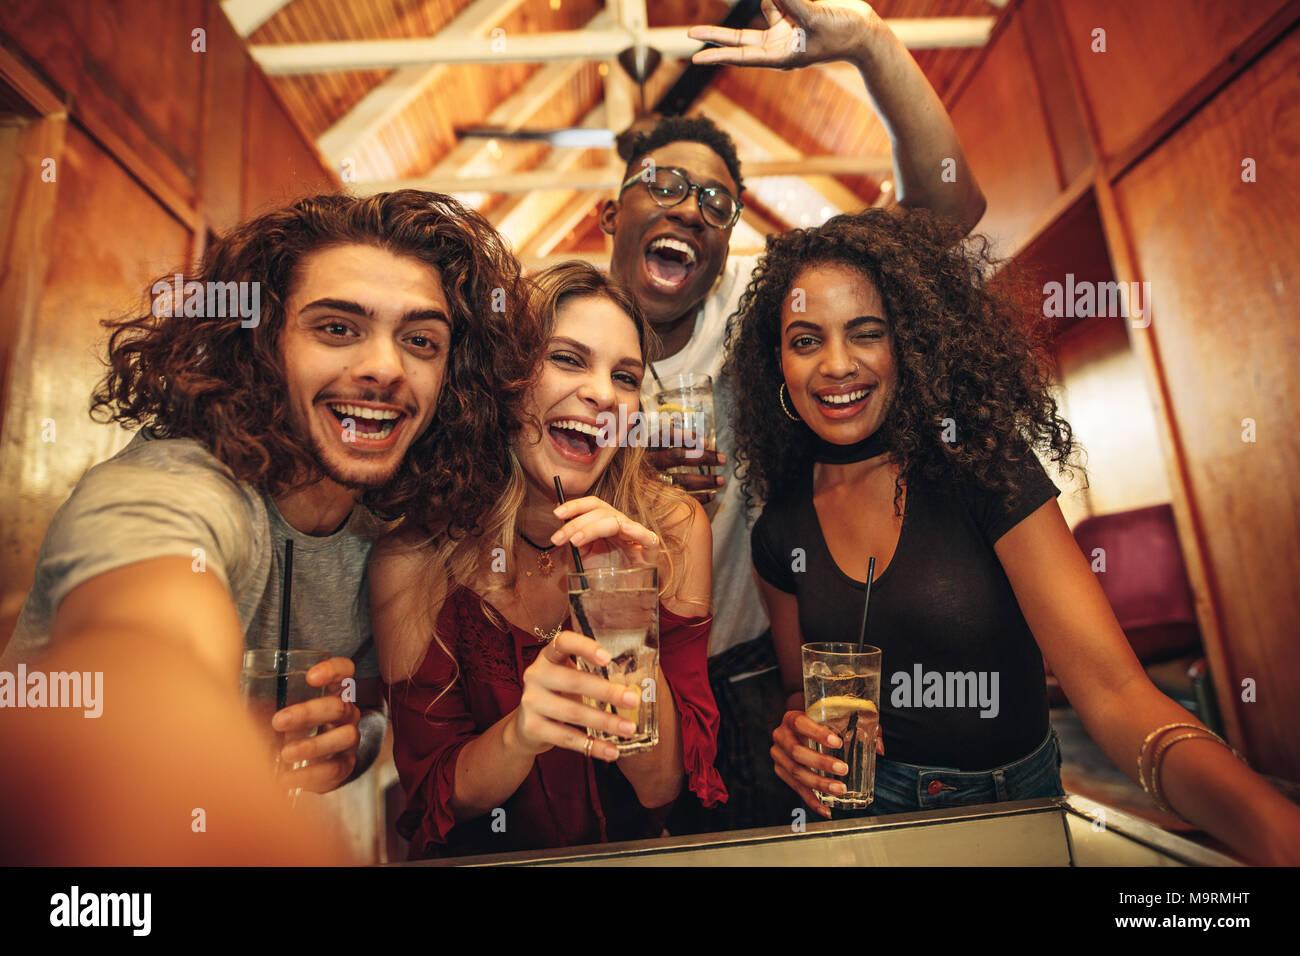 Groupe de professionnels jeunes amis avec des boissons se sont réunis pour partie en club. Heureux les hommes et femme avec boissons prendre parti. au cours de selfies Photo Stock